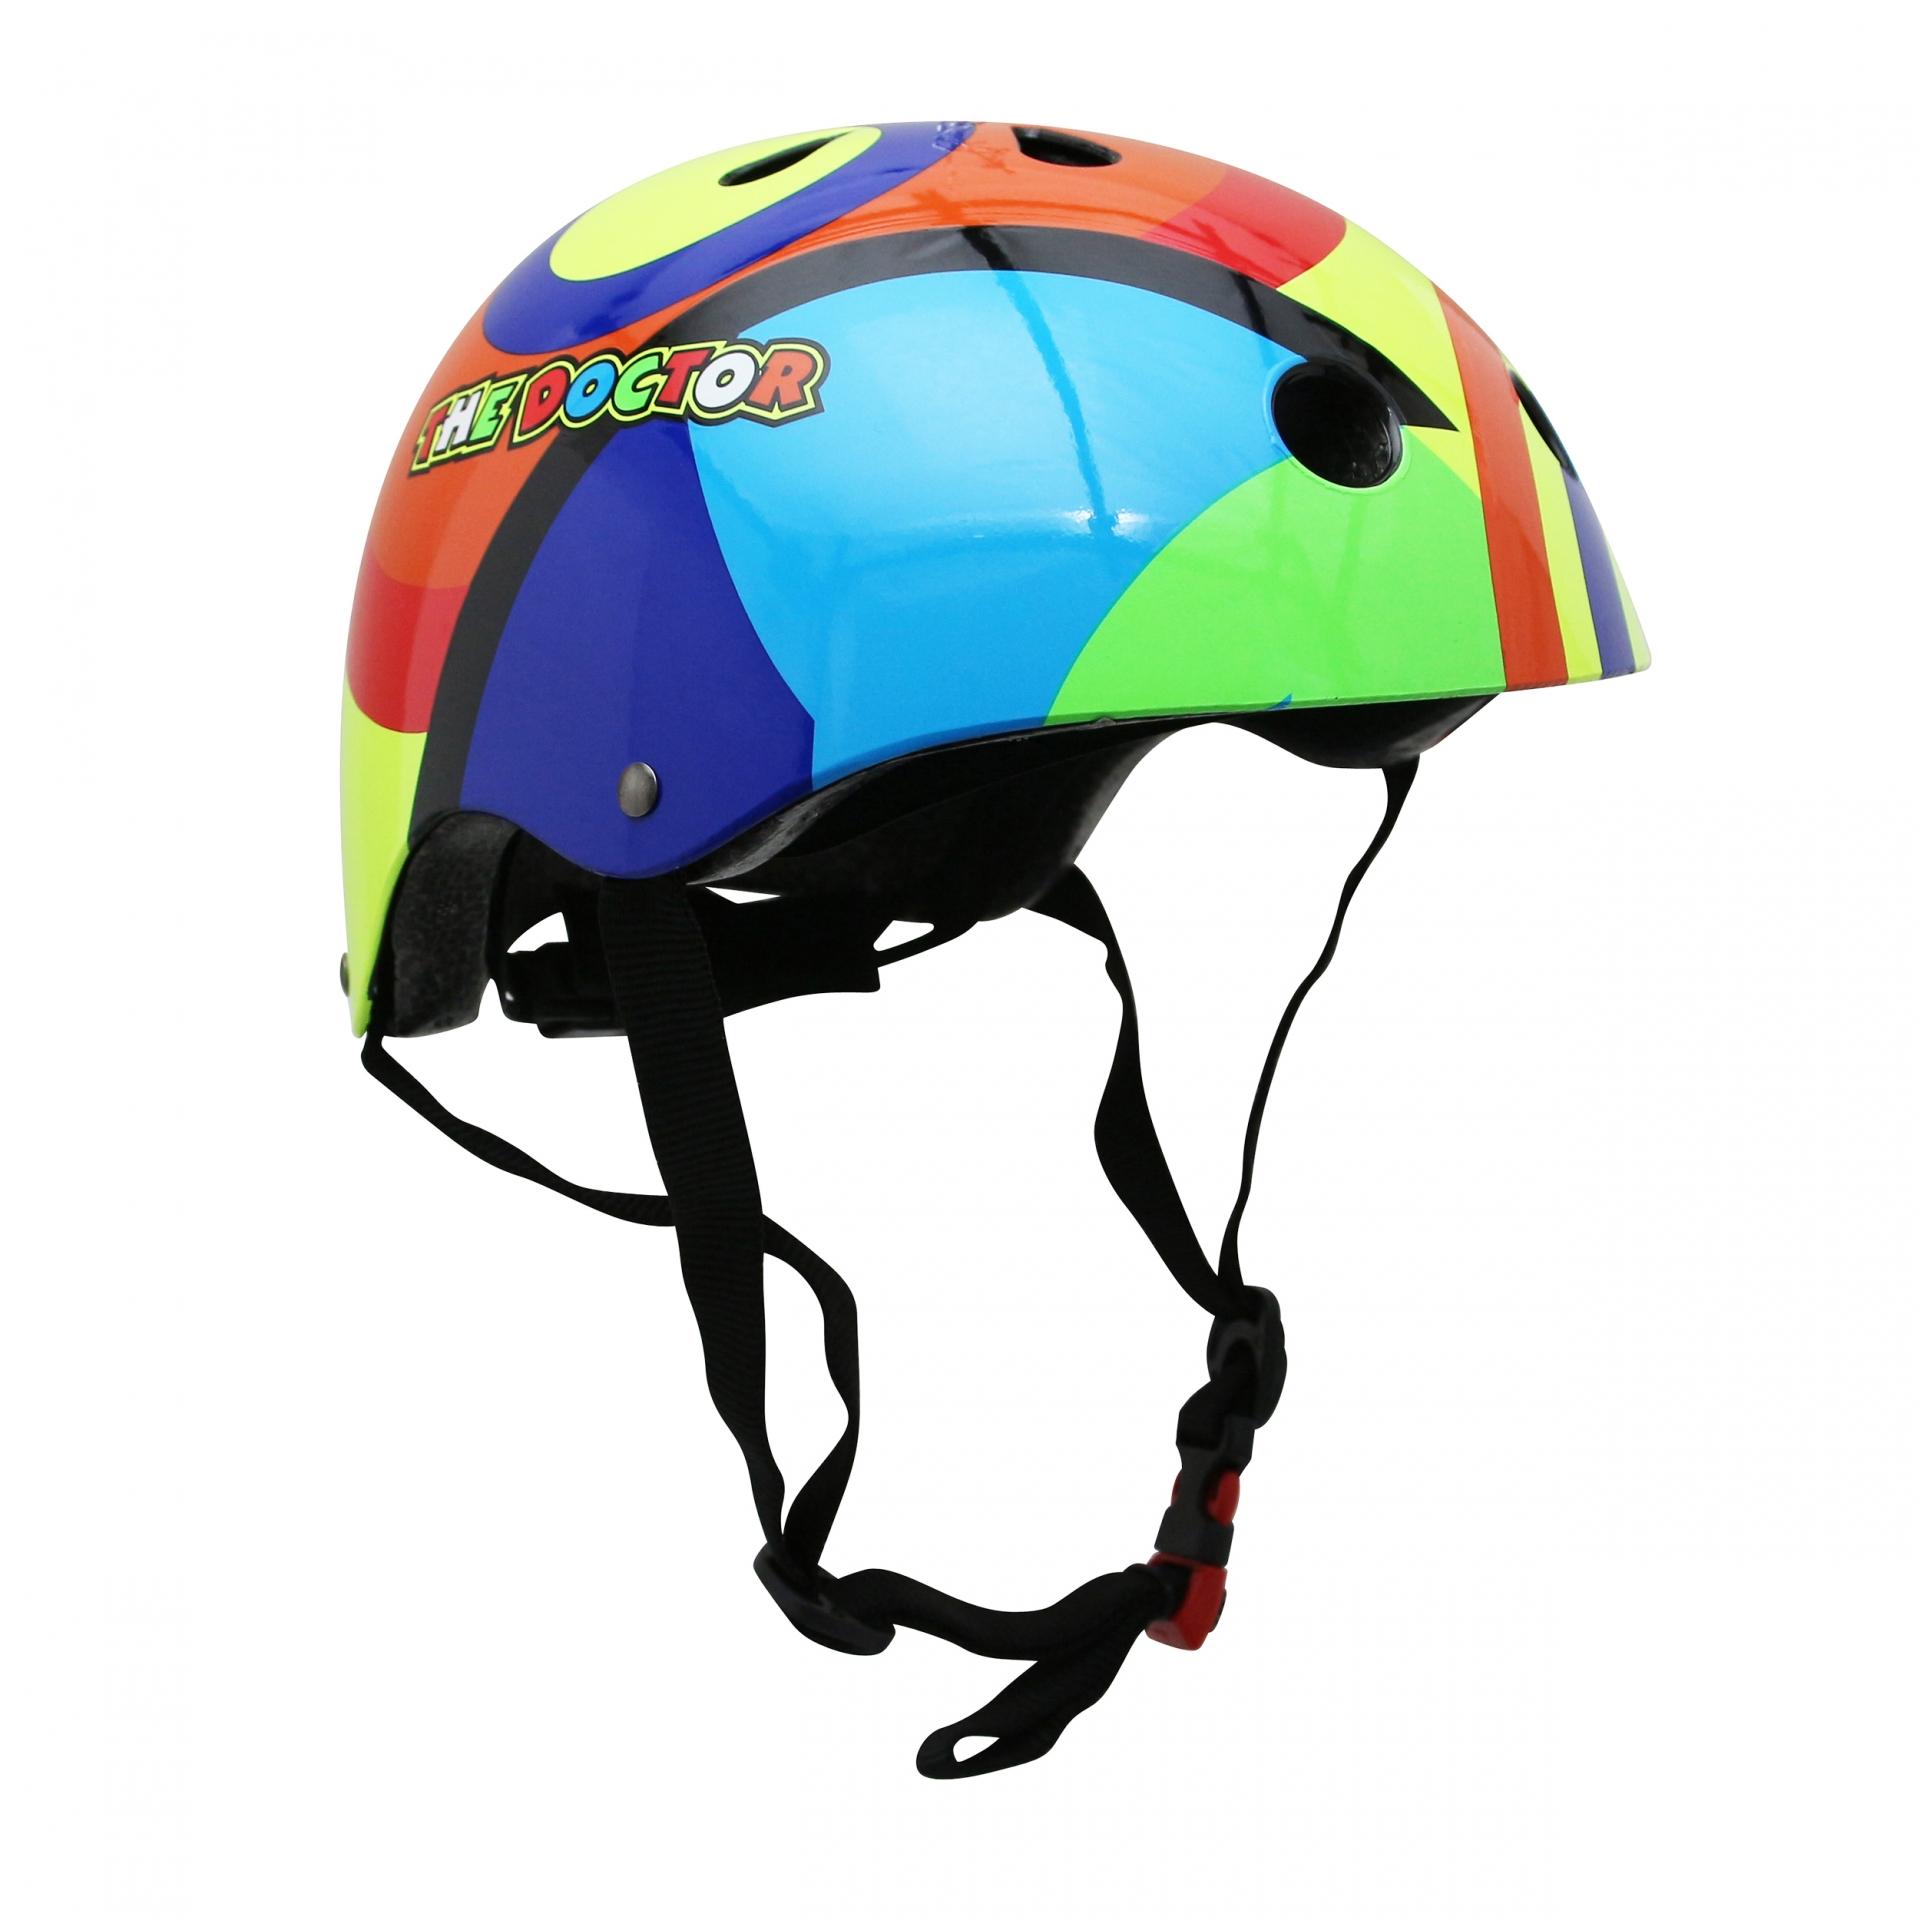 Casque vélo enfant Kiddimoto Valentino Rossi multicolor - S (48-53 cm)